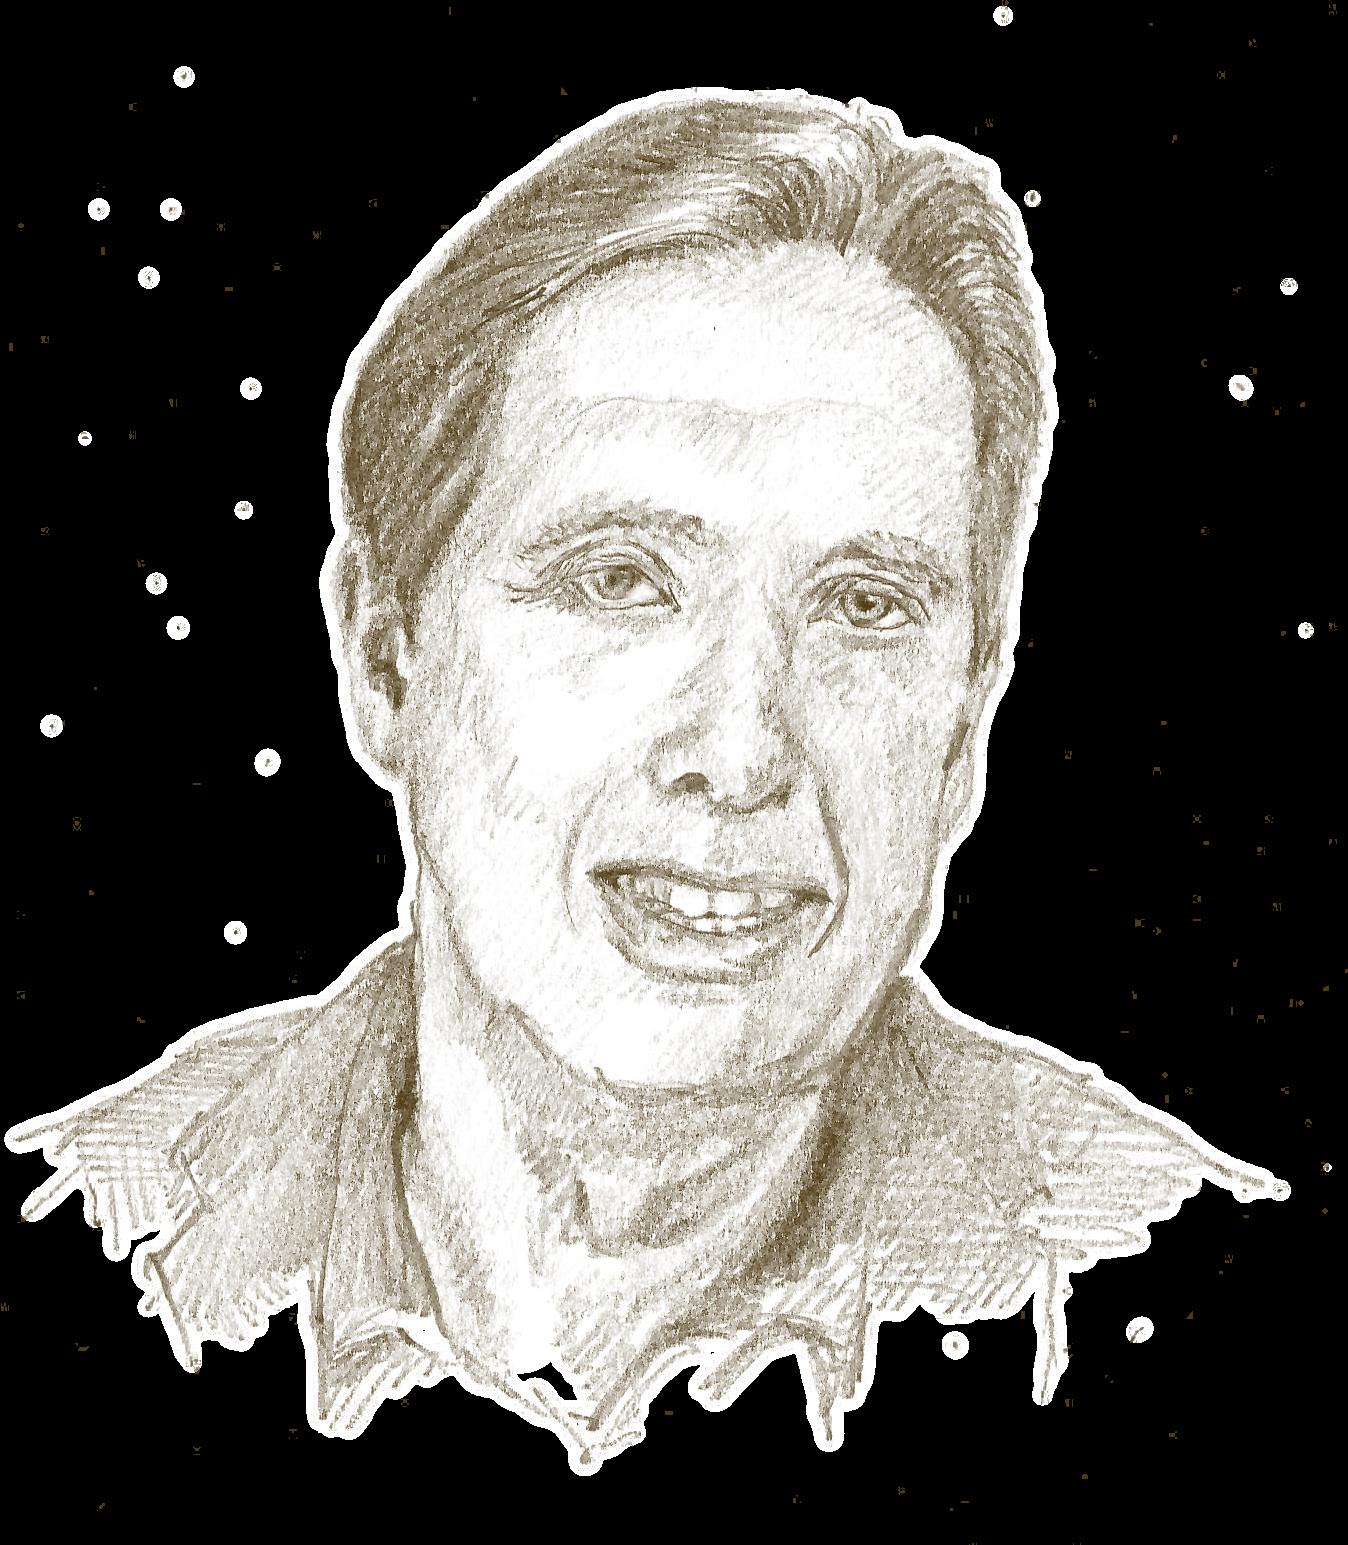 Jan Rotmans (portret door Stefaan Claeys)